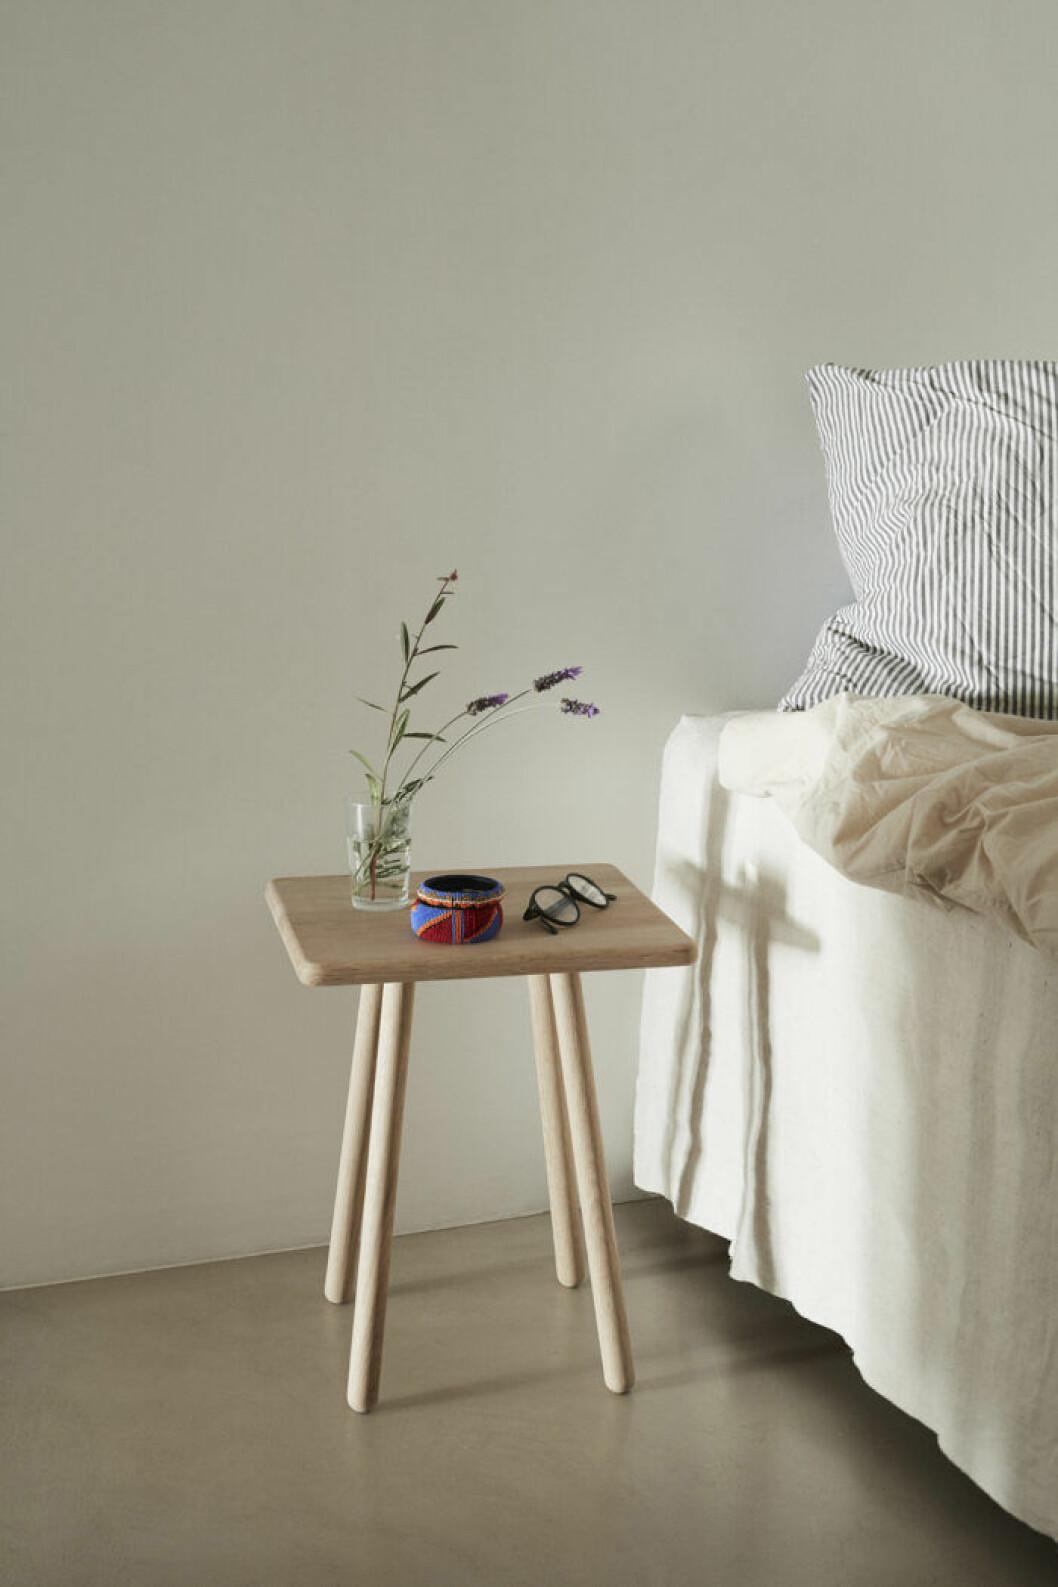 Även en snabb rensning kan göra sovrummet mer rofyllt.